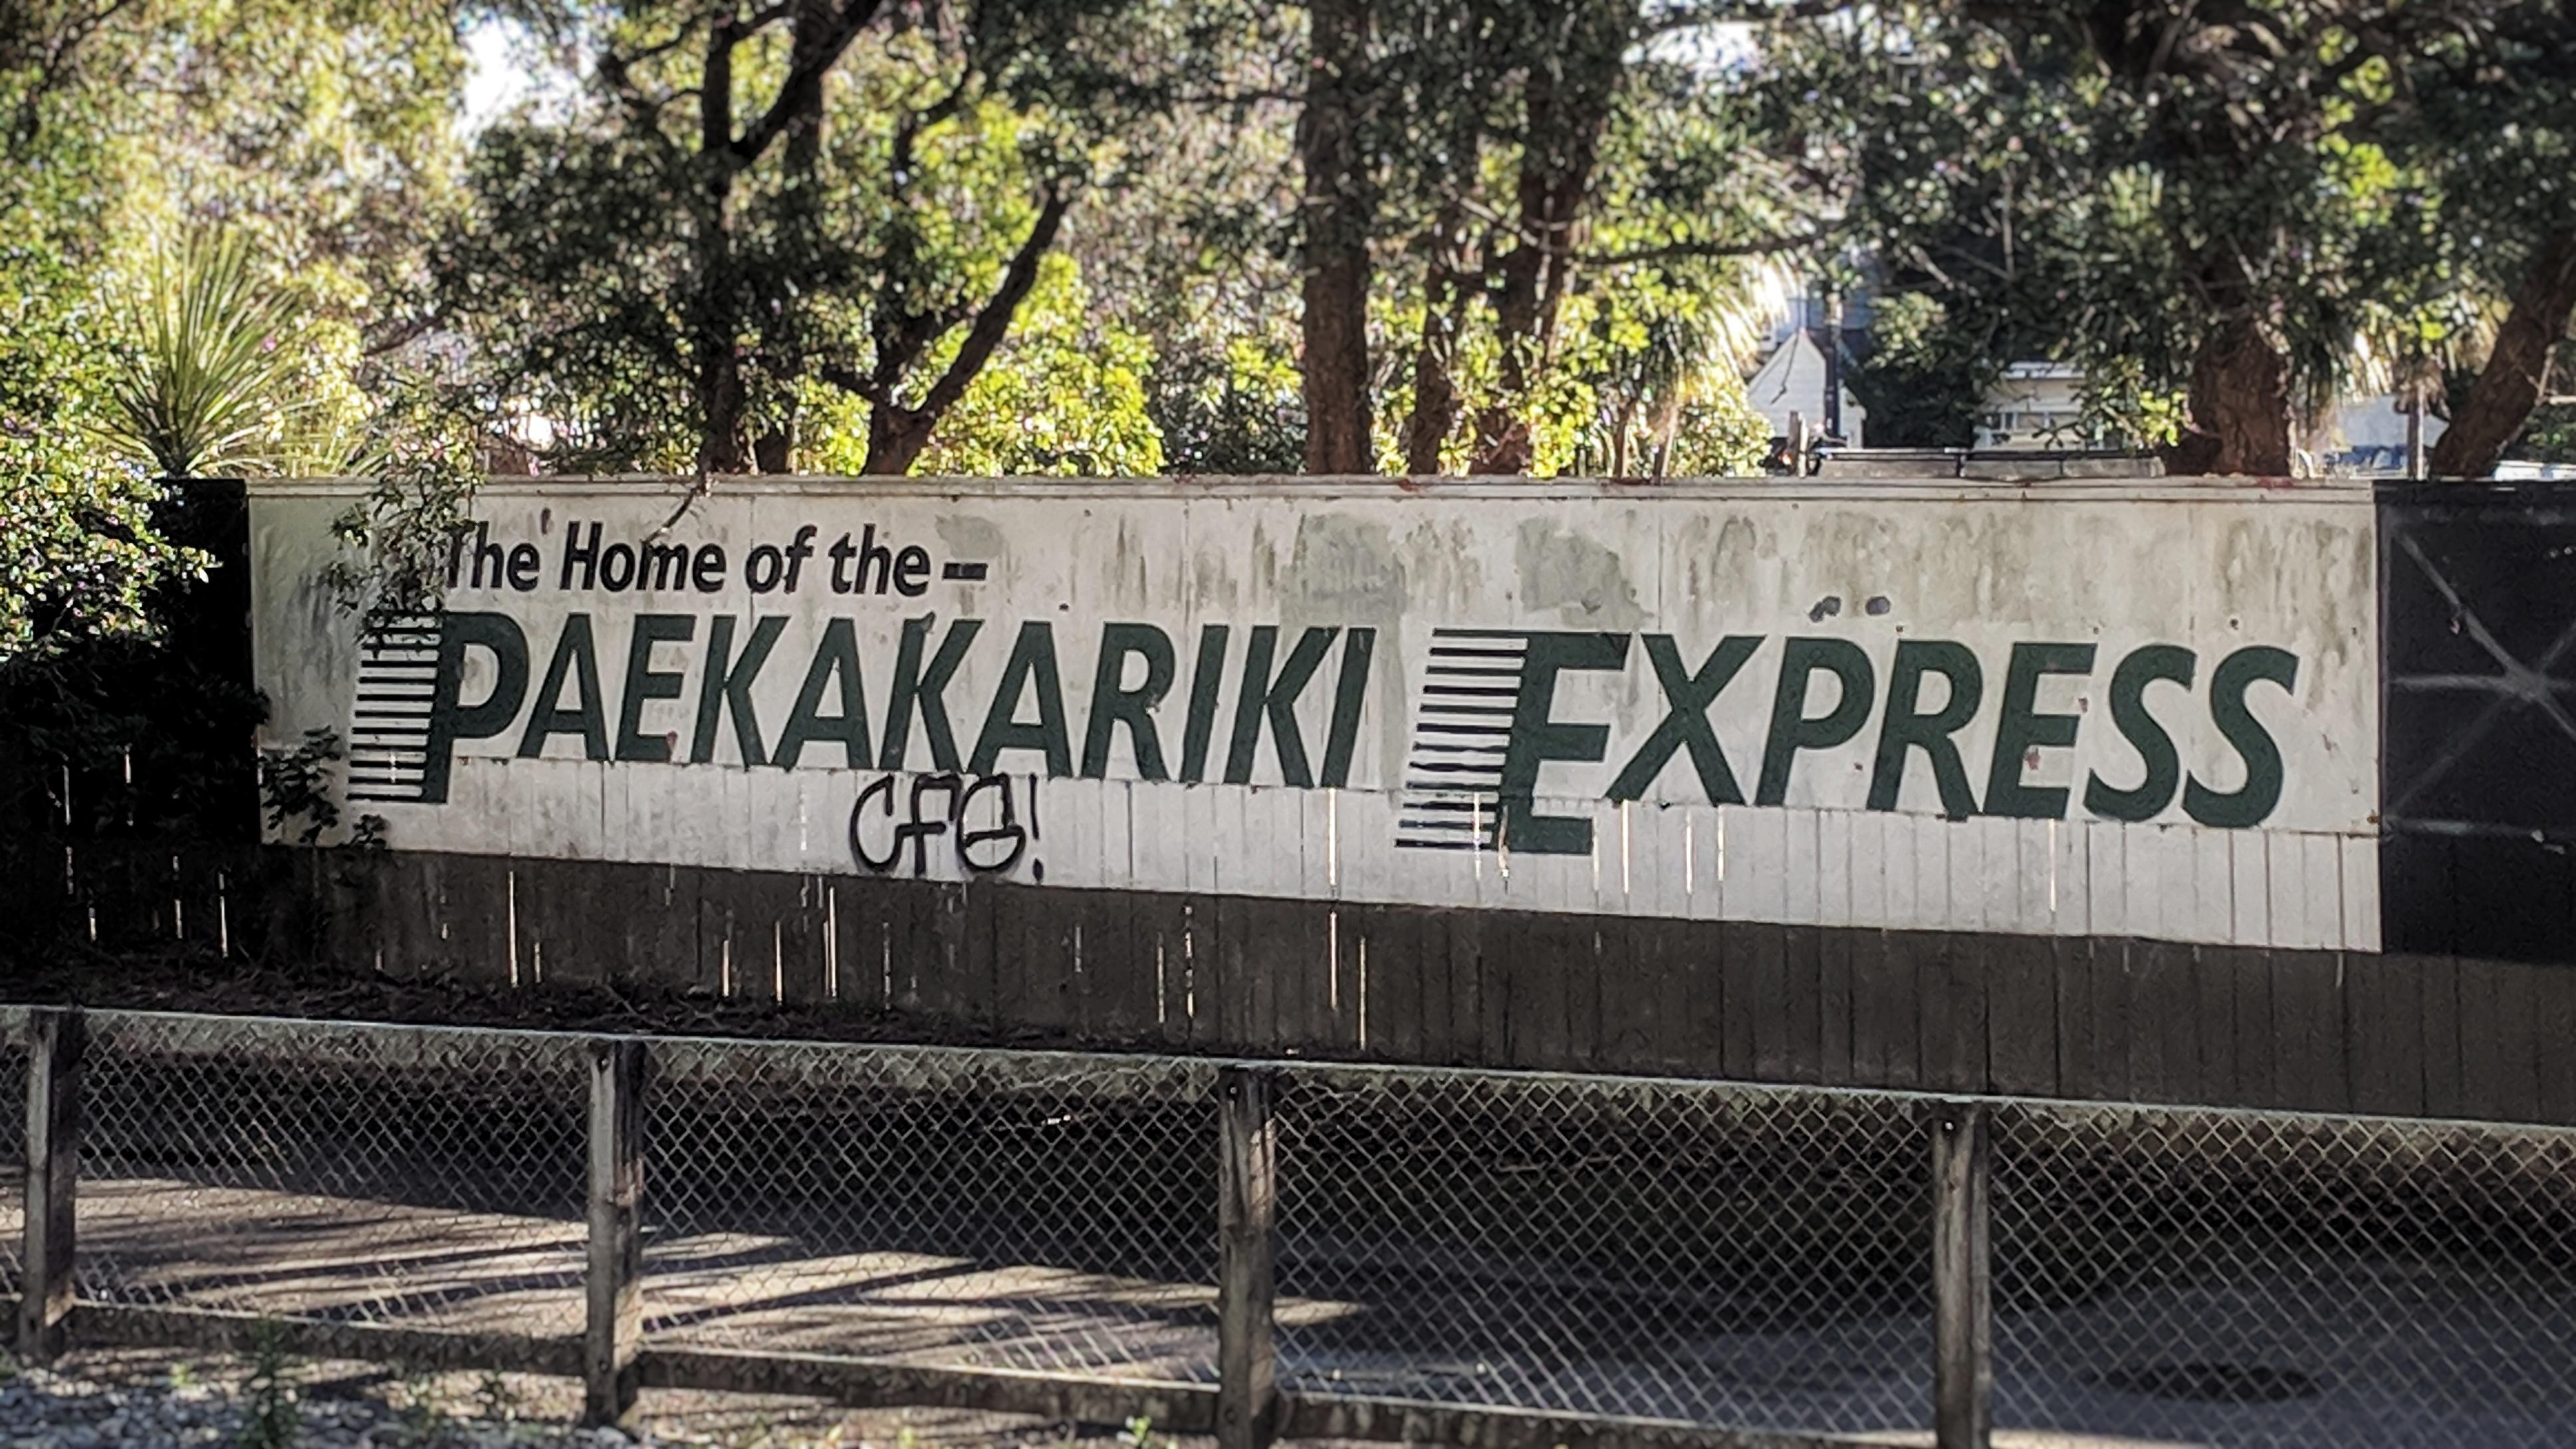 Paekakariki Express sign